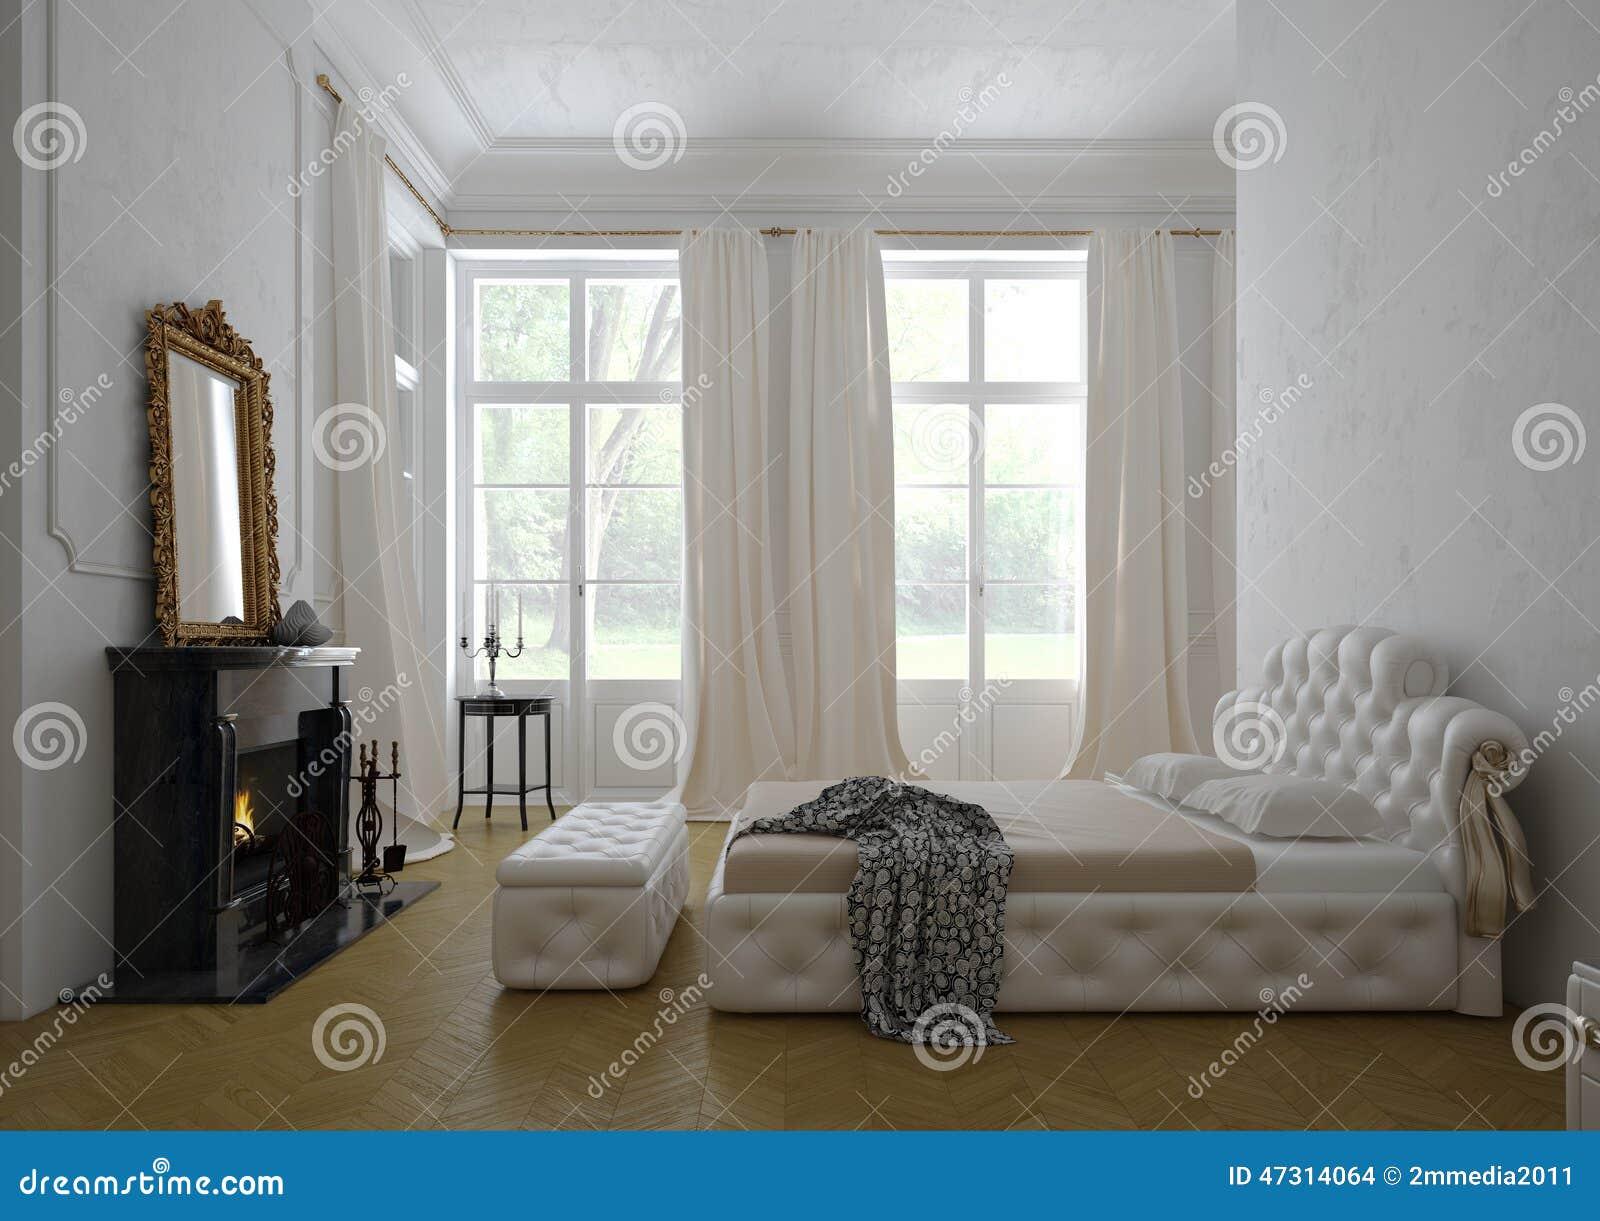 Chambre a coucher de luxe antique or accueil meubles de for Chambre a coucher moderne italienne